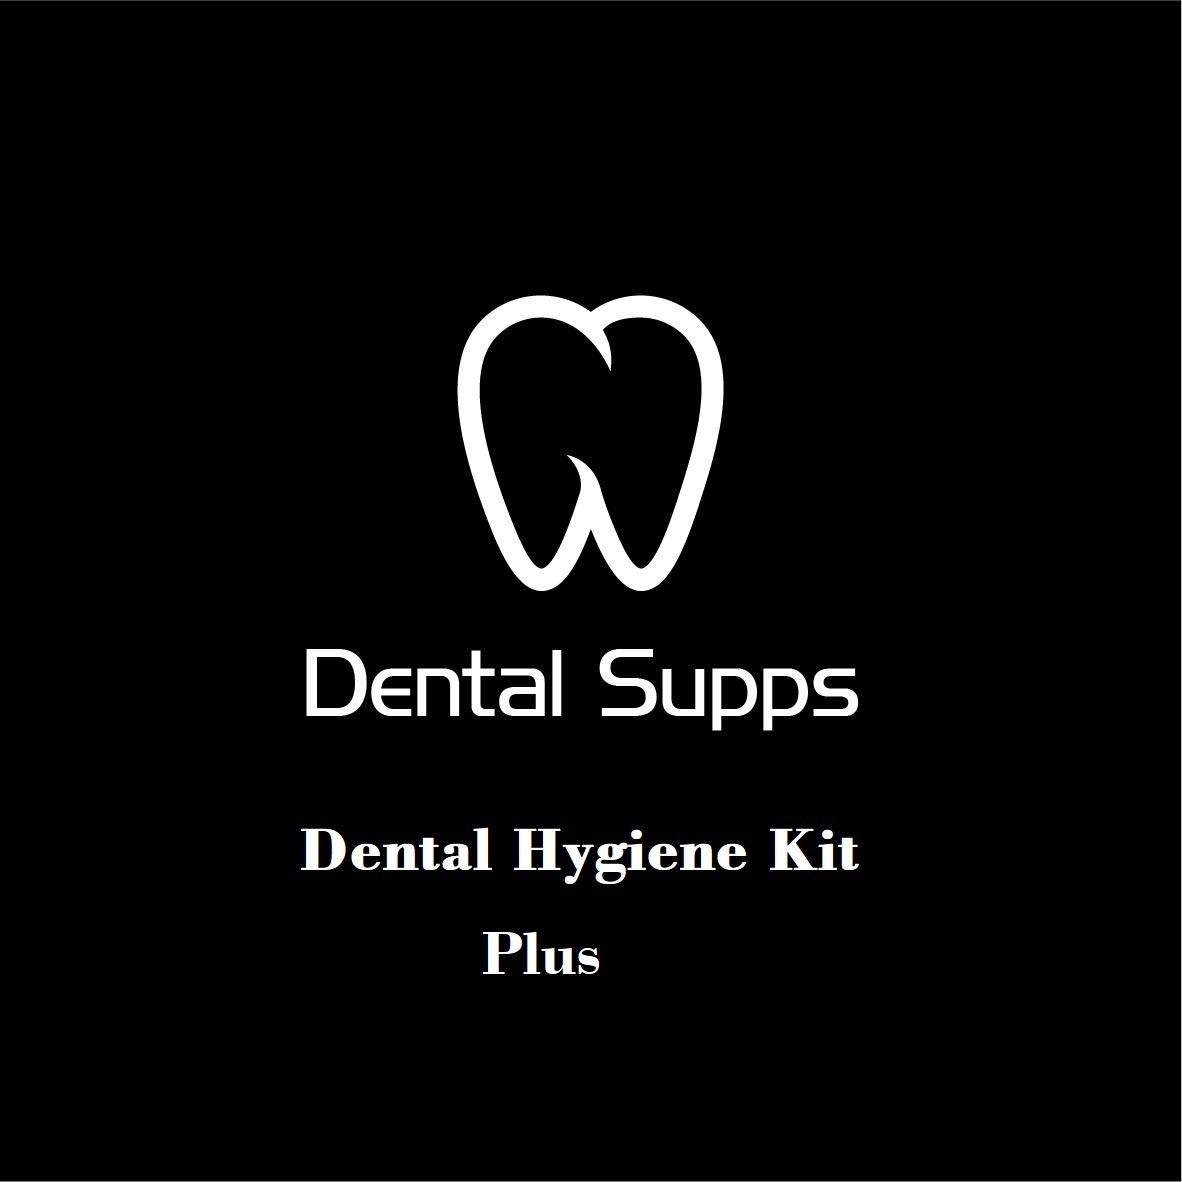 Dental Supps Dental Hygiene Kit Plus